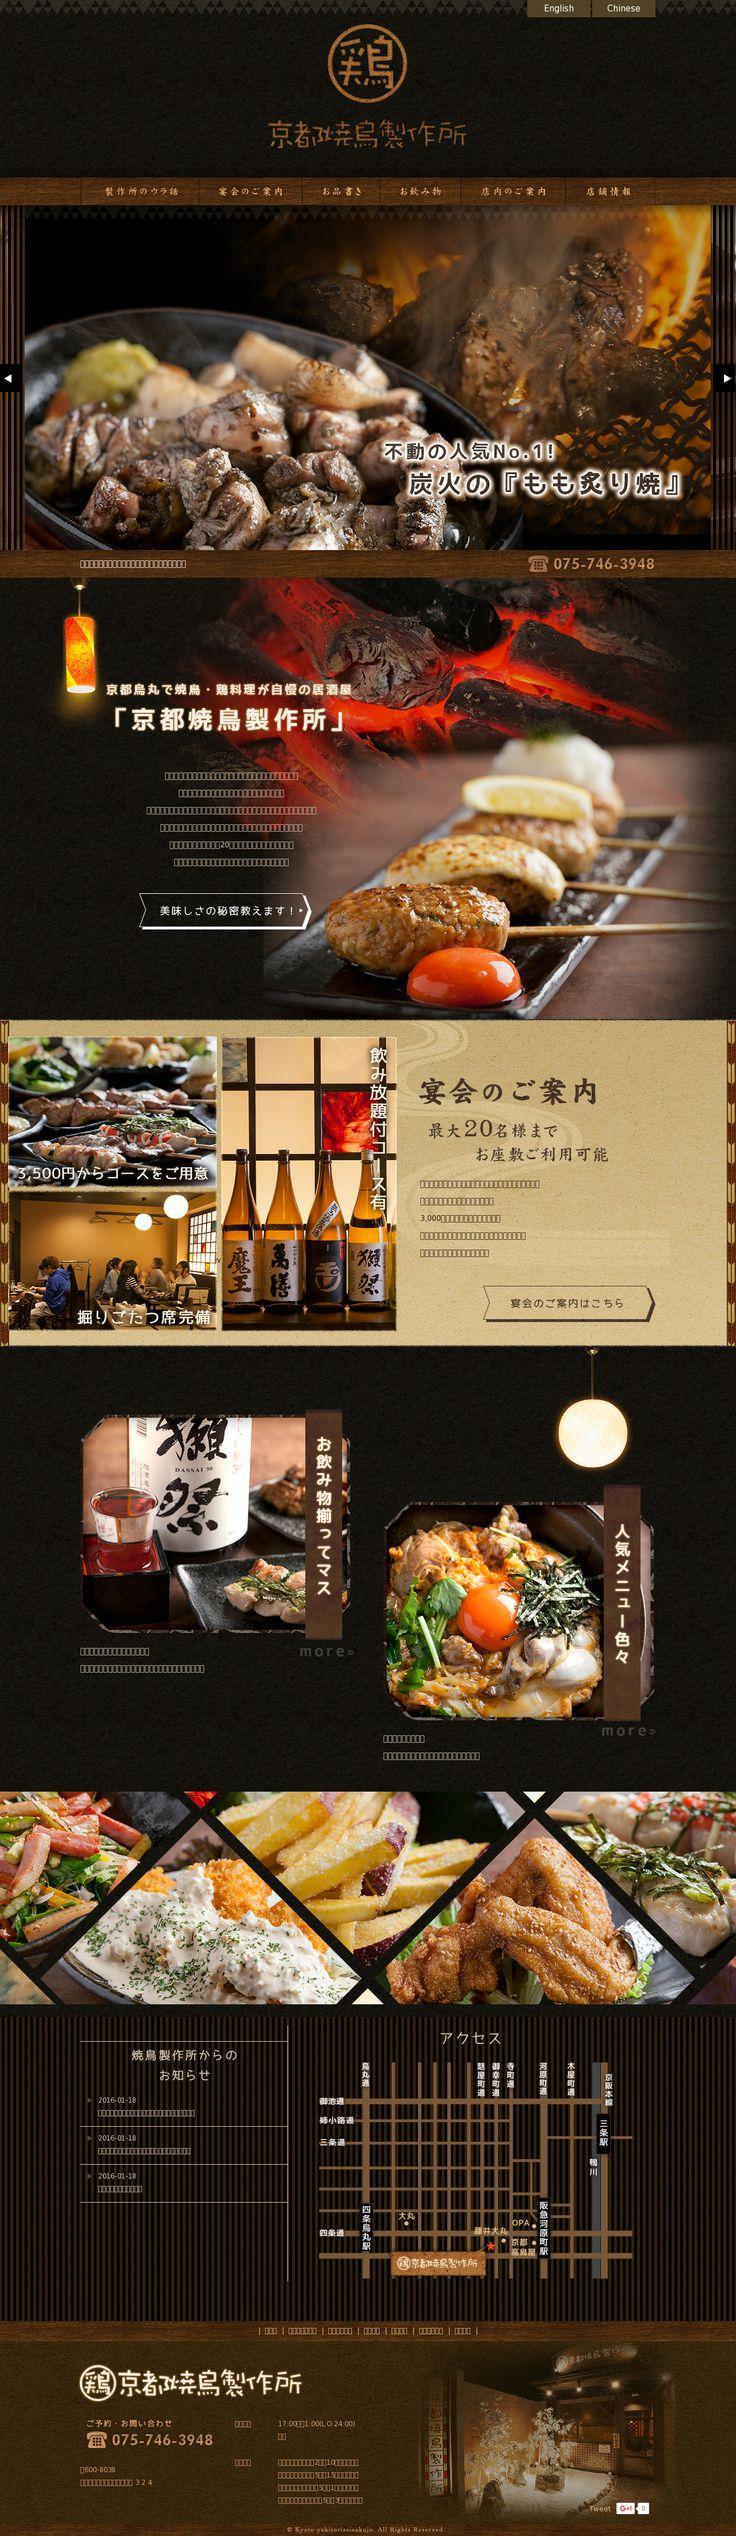 飲食店・焼き鳥・居酒屋・WEBサイト・ホームページ・デザイン・ブラック・ブラウン・